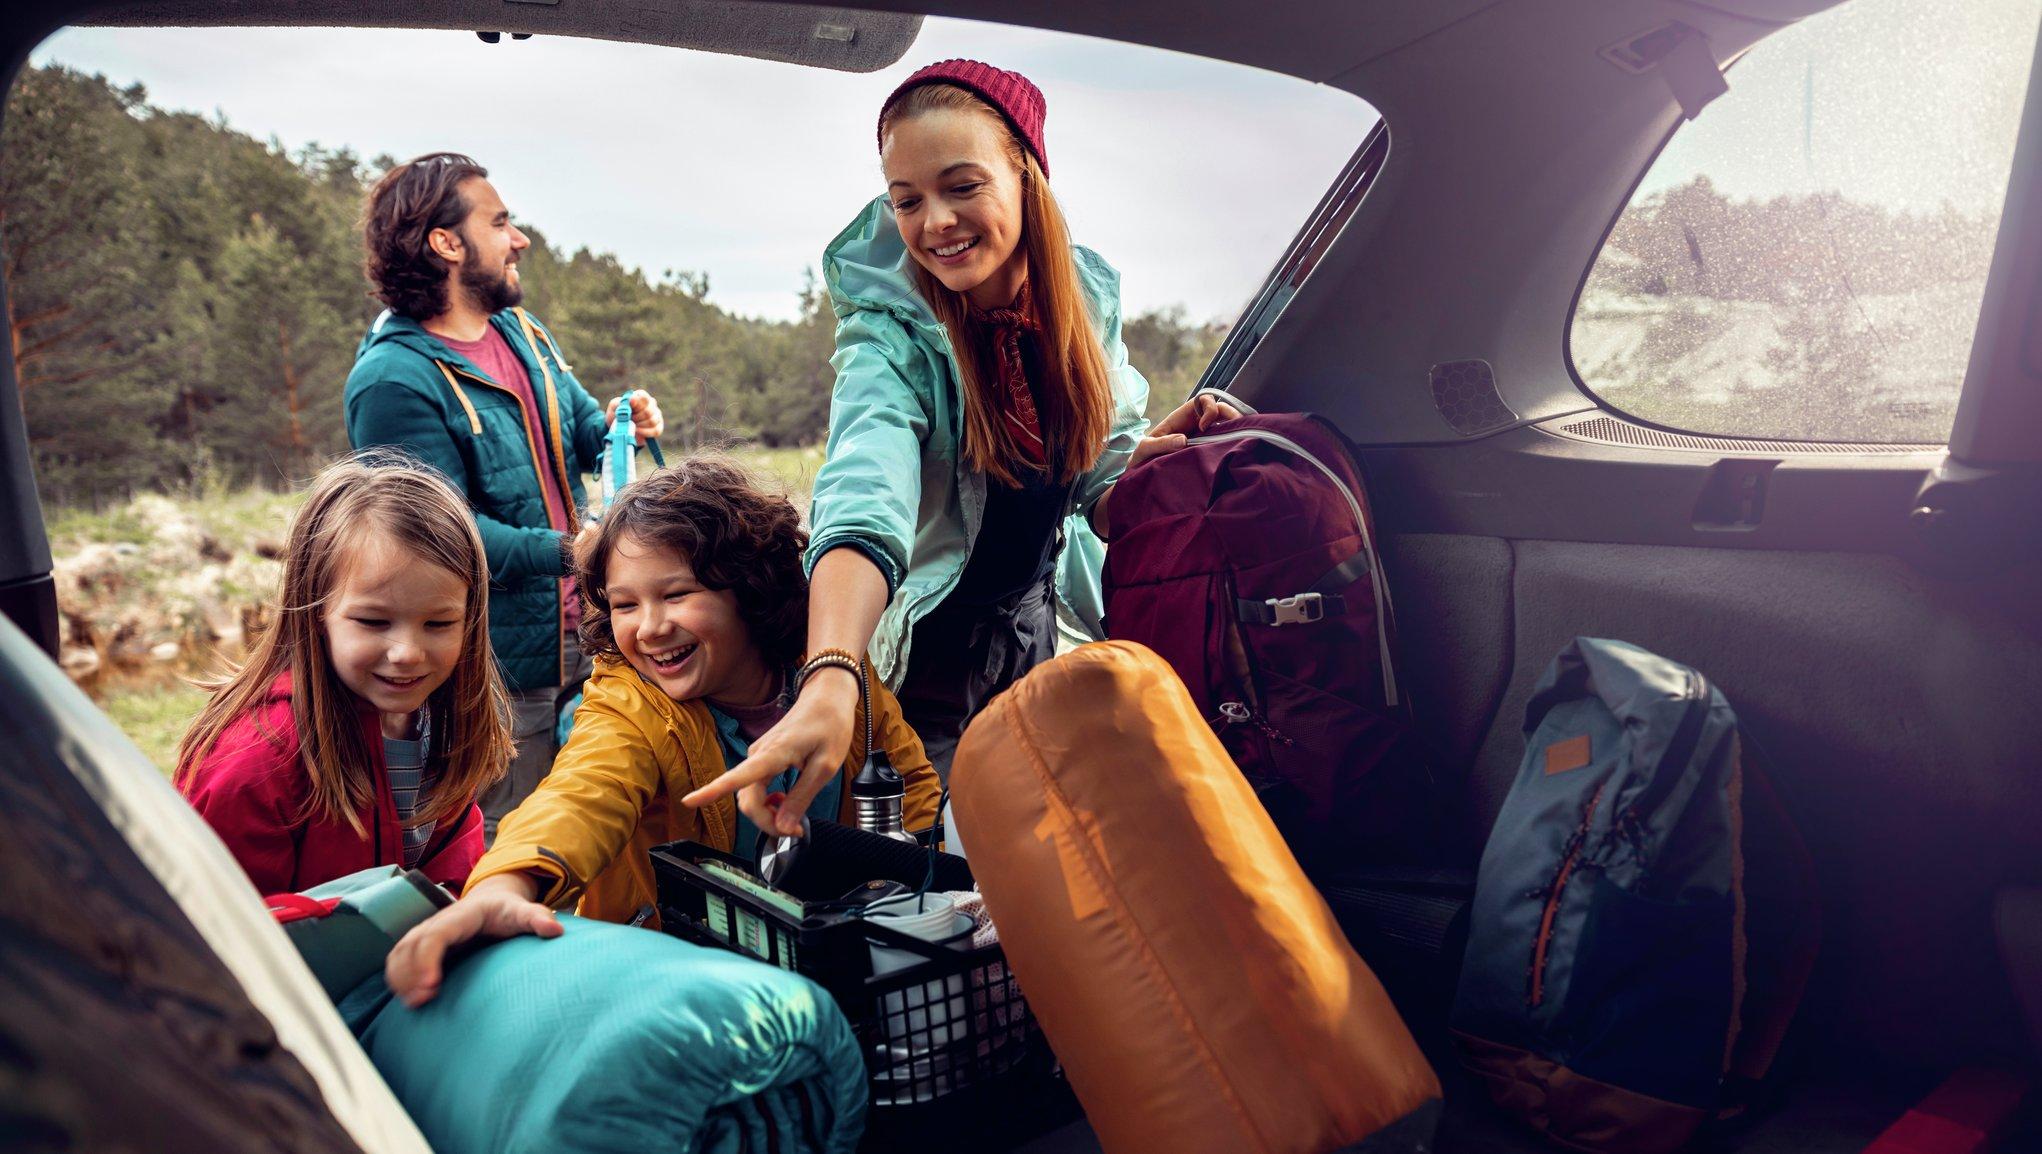 Perhe ottaa makuupusseja ulos autosta